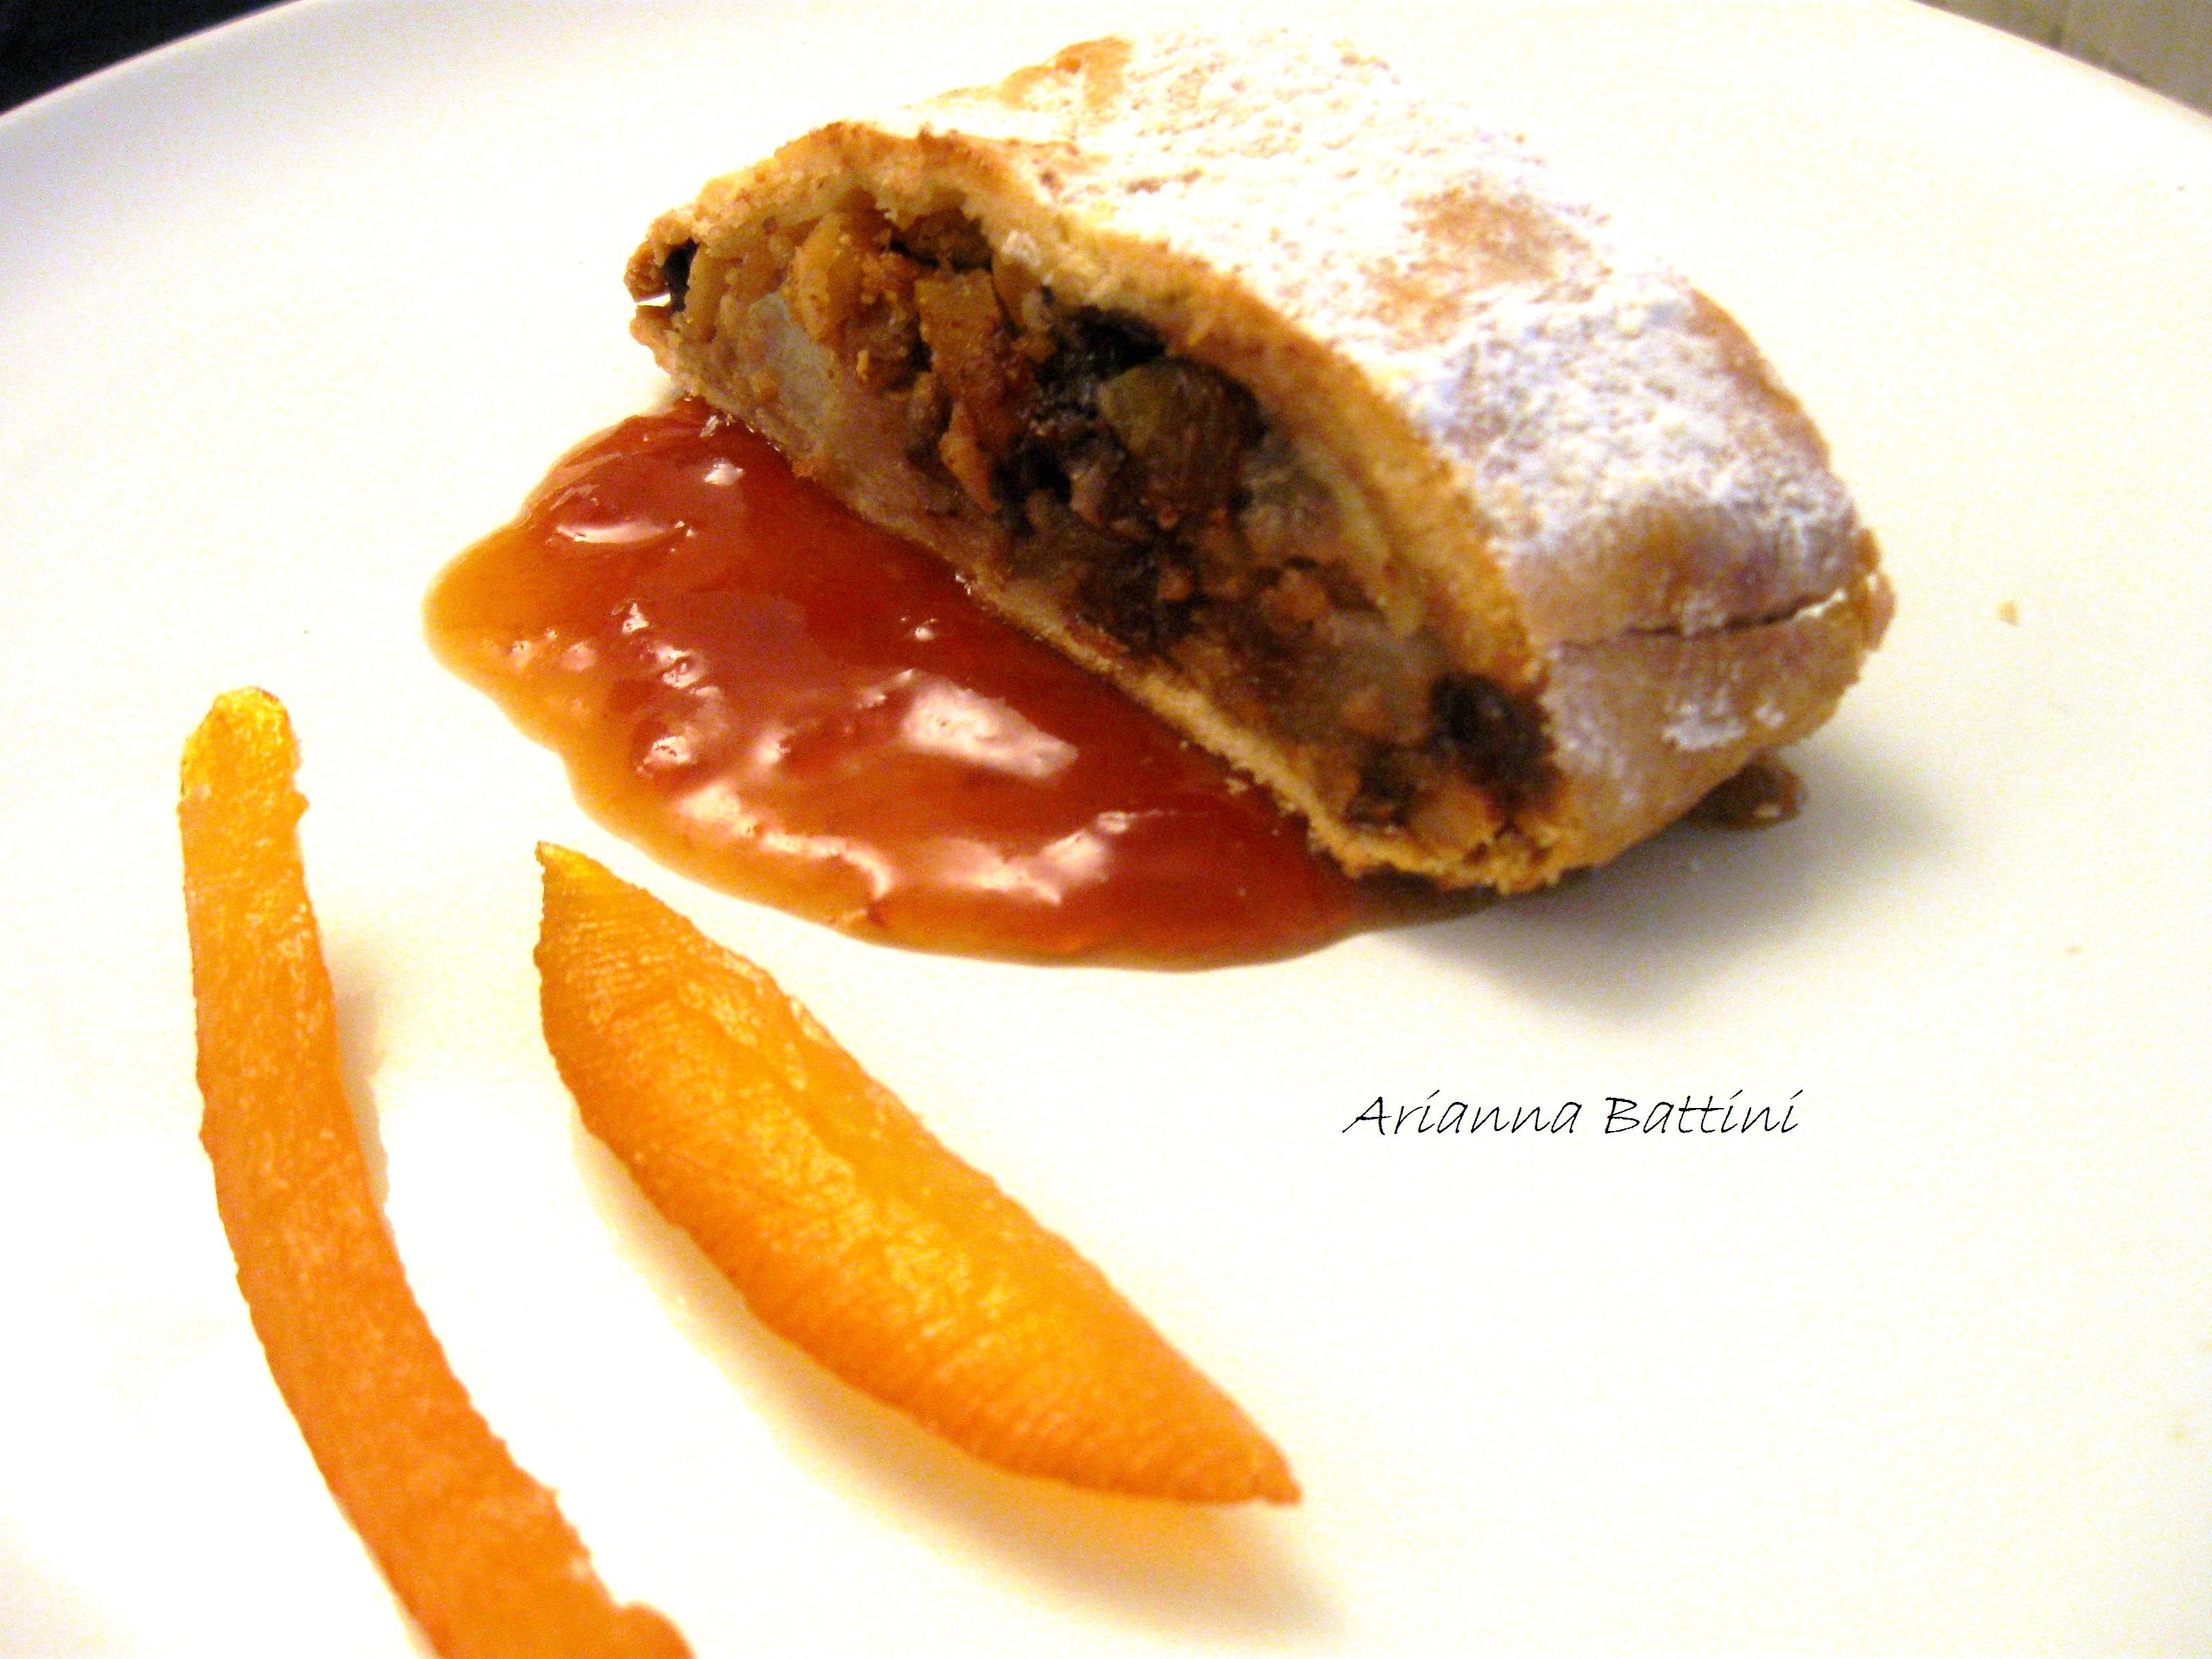 Strudel di frutta secca, marron glacèe, uva sultanina,scorze di arancia candite, pere, scaglie di cioccolato su marmellata di pere e noci homemade